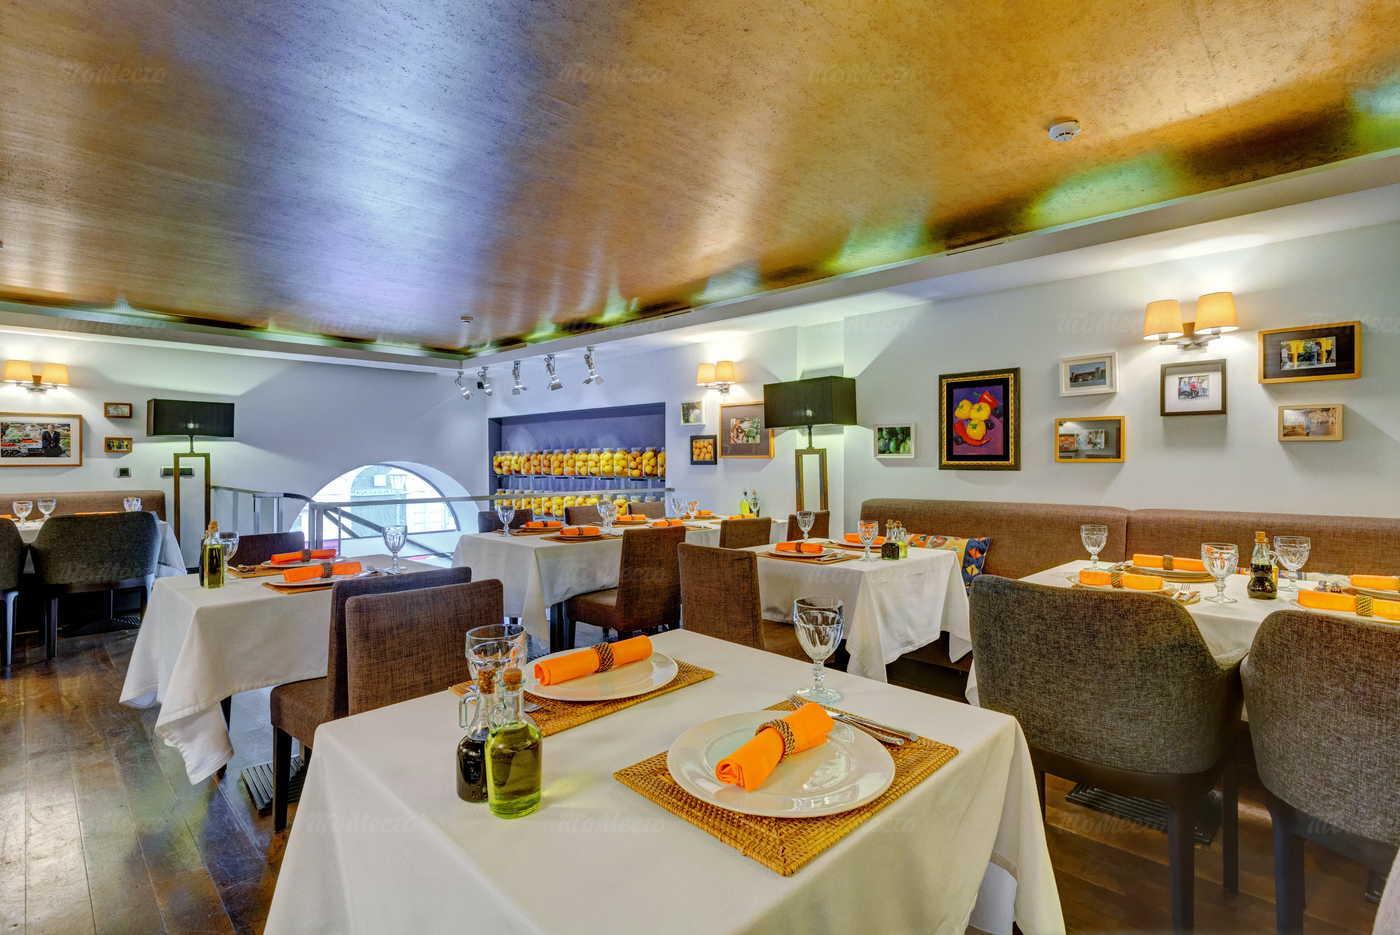 Ресторан Барашка (Бараshка) на Петровке фото 16